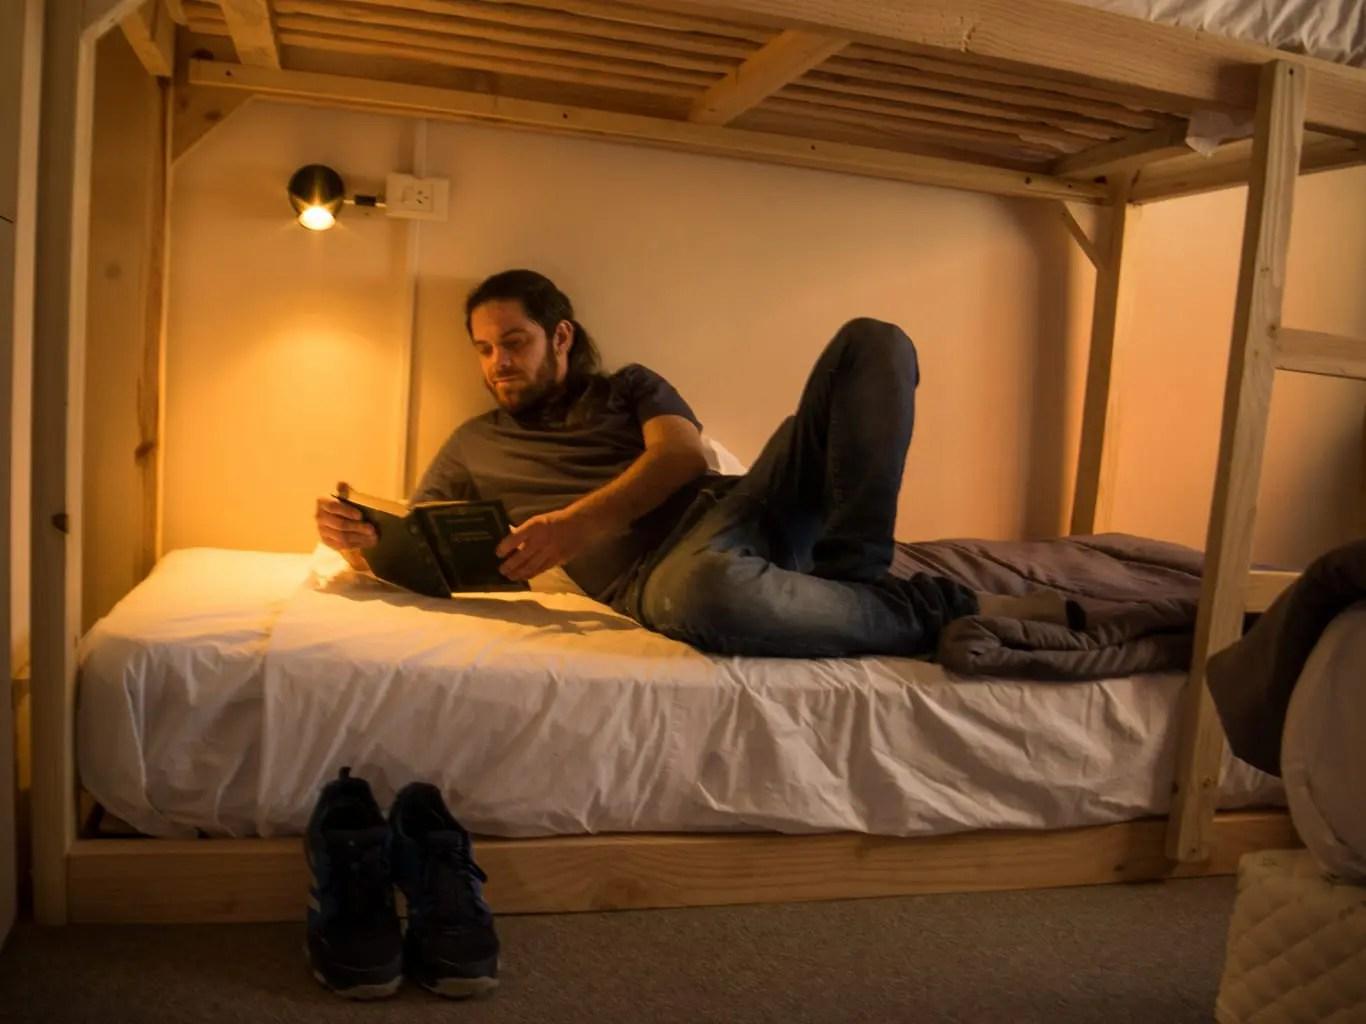 hostel hormiga negra 60 | Hostel Hormiga Negra